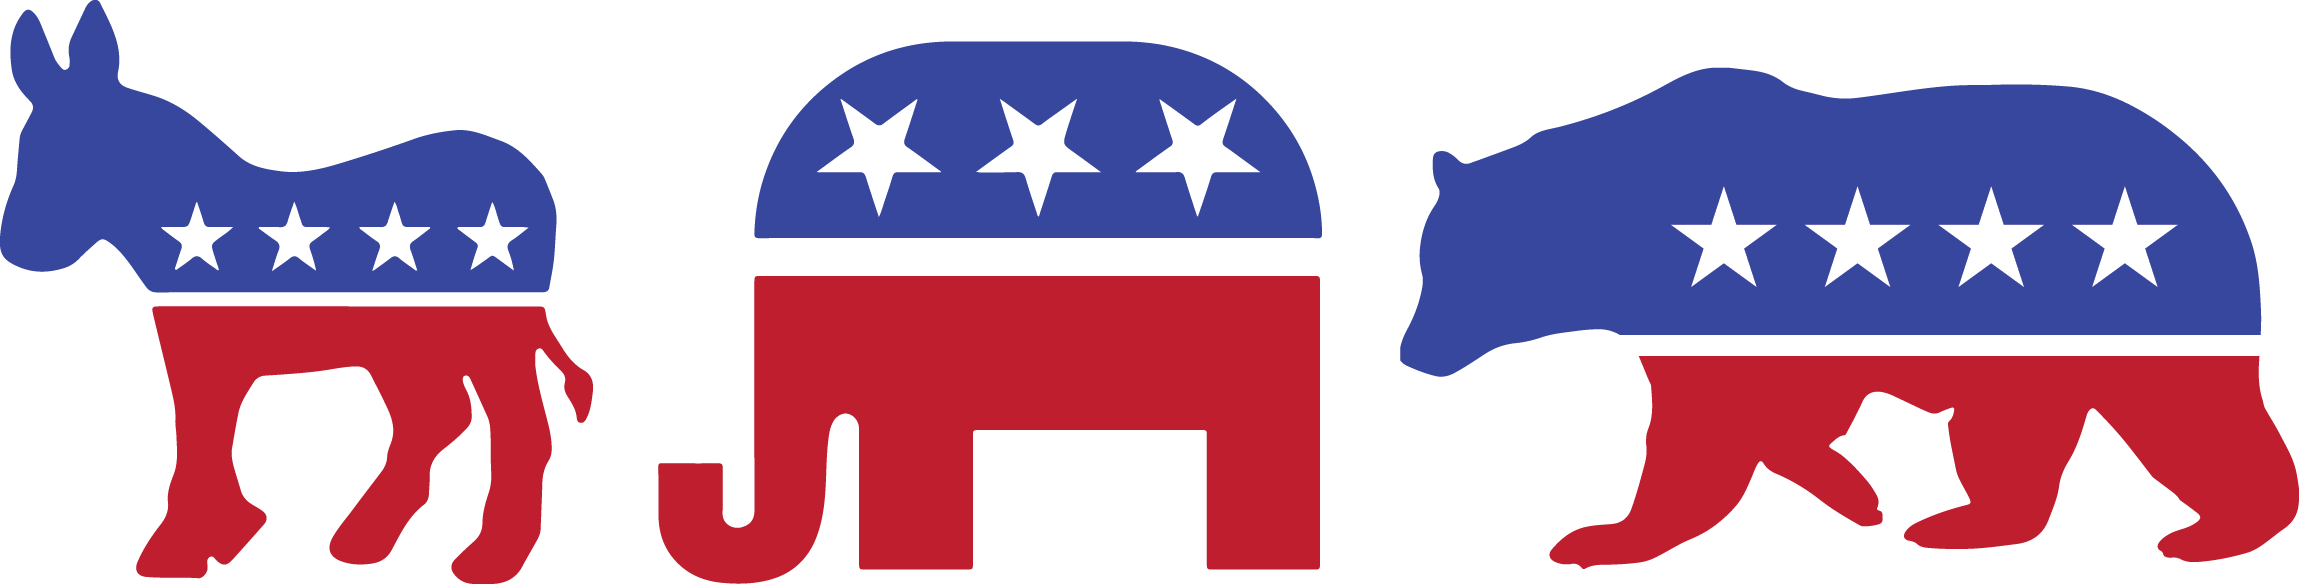 Political free on. Politics clipart republican democrat